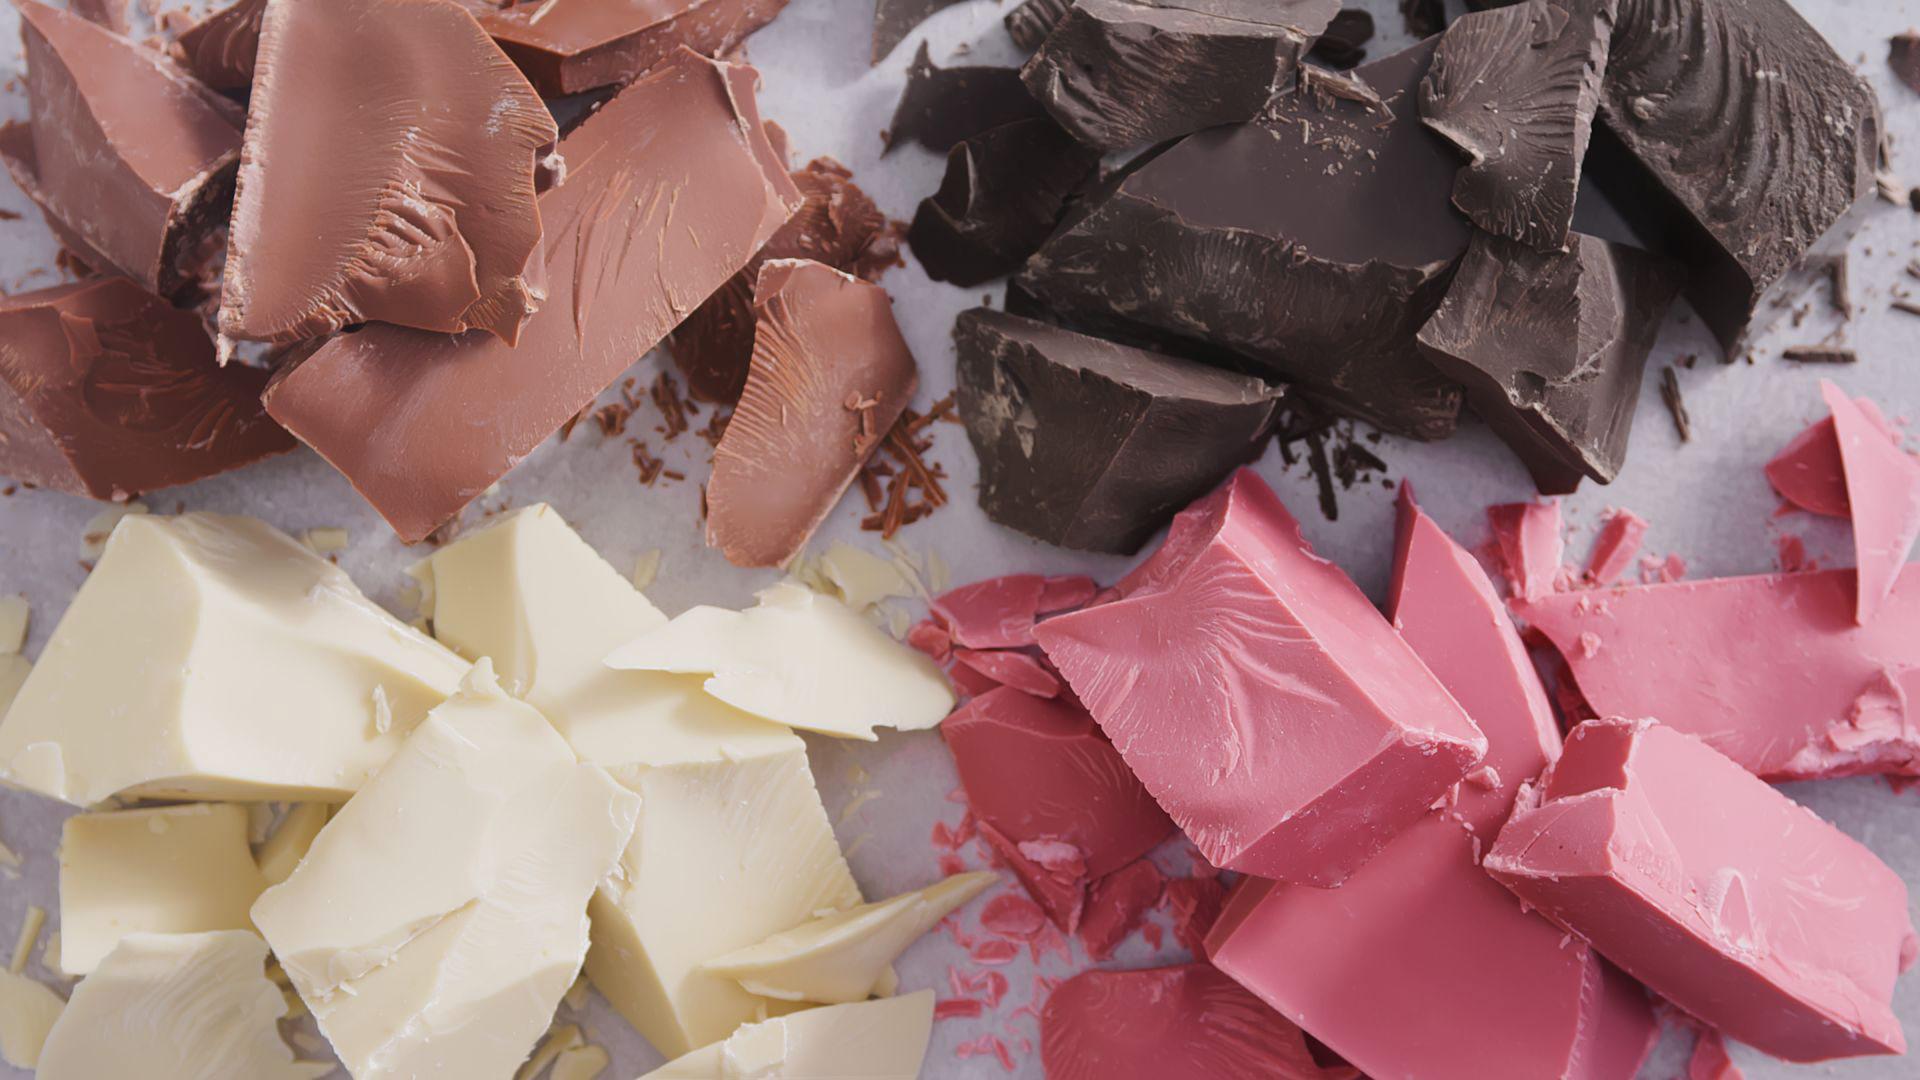 Tìm hiểu về loại sô cô la hảo hạng thứ 4 thế giới: Ruby Chocolate - Ảnh 3.